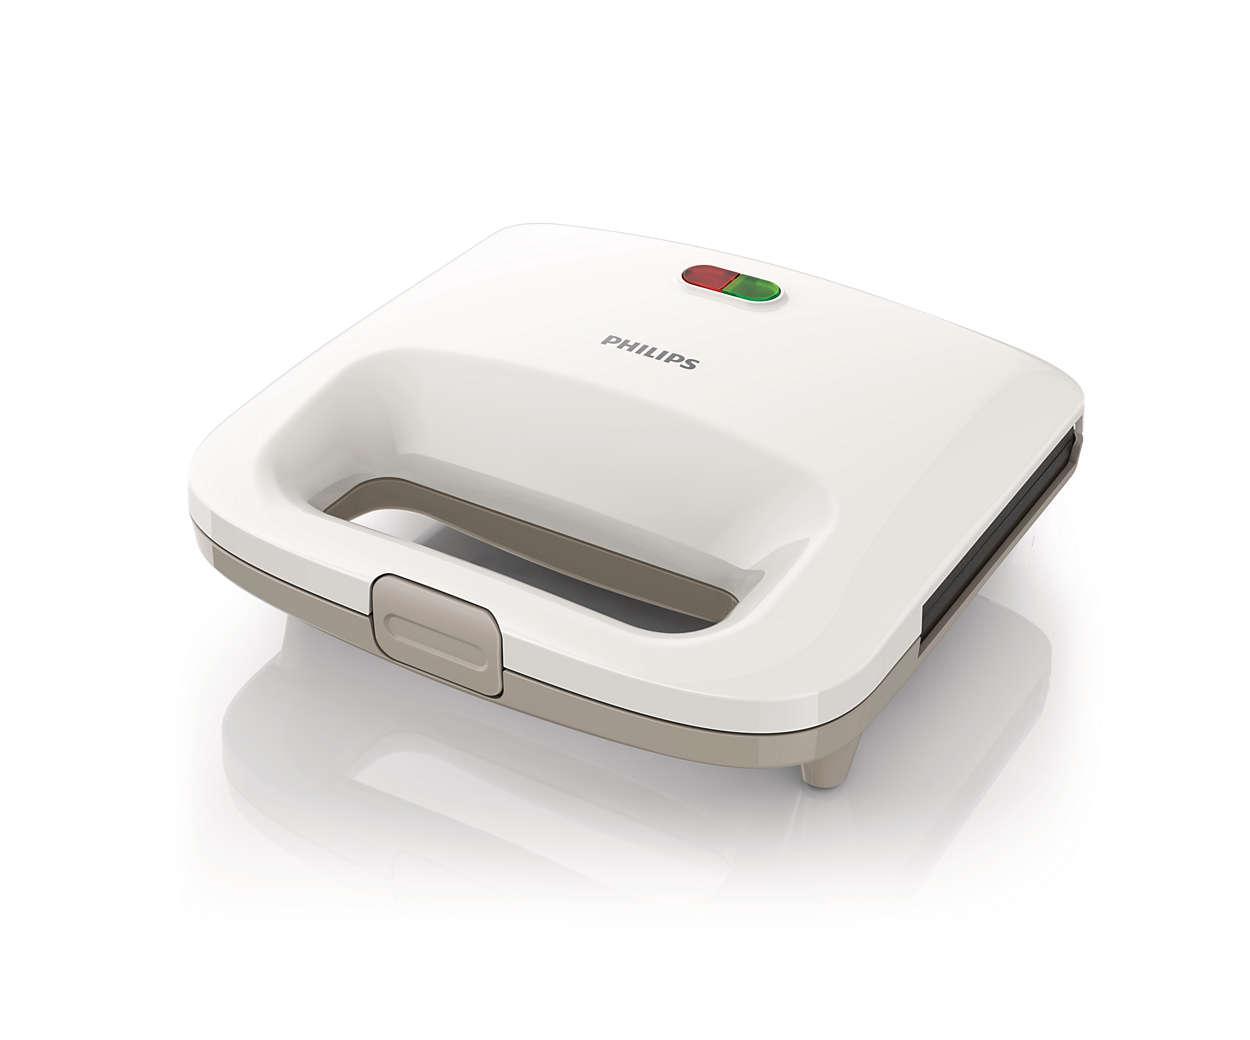 Hình ảnh Máy làm bánh sandwich Philips HD2393 (trắng) - Hàng nhập khẩu